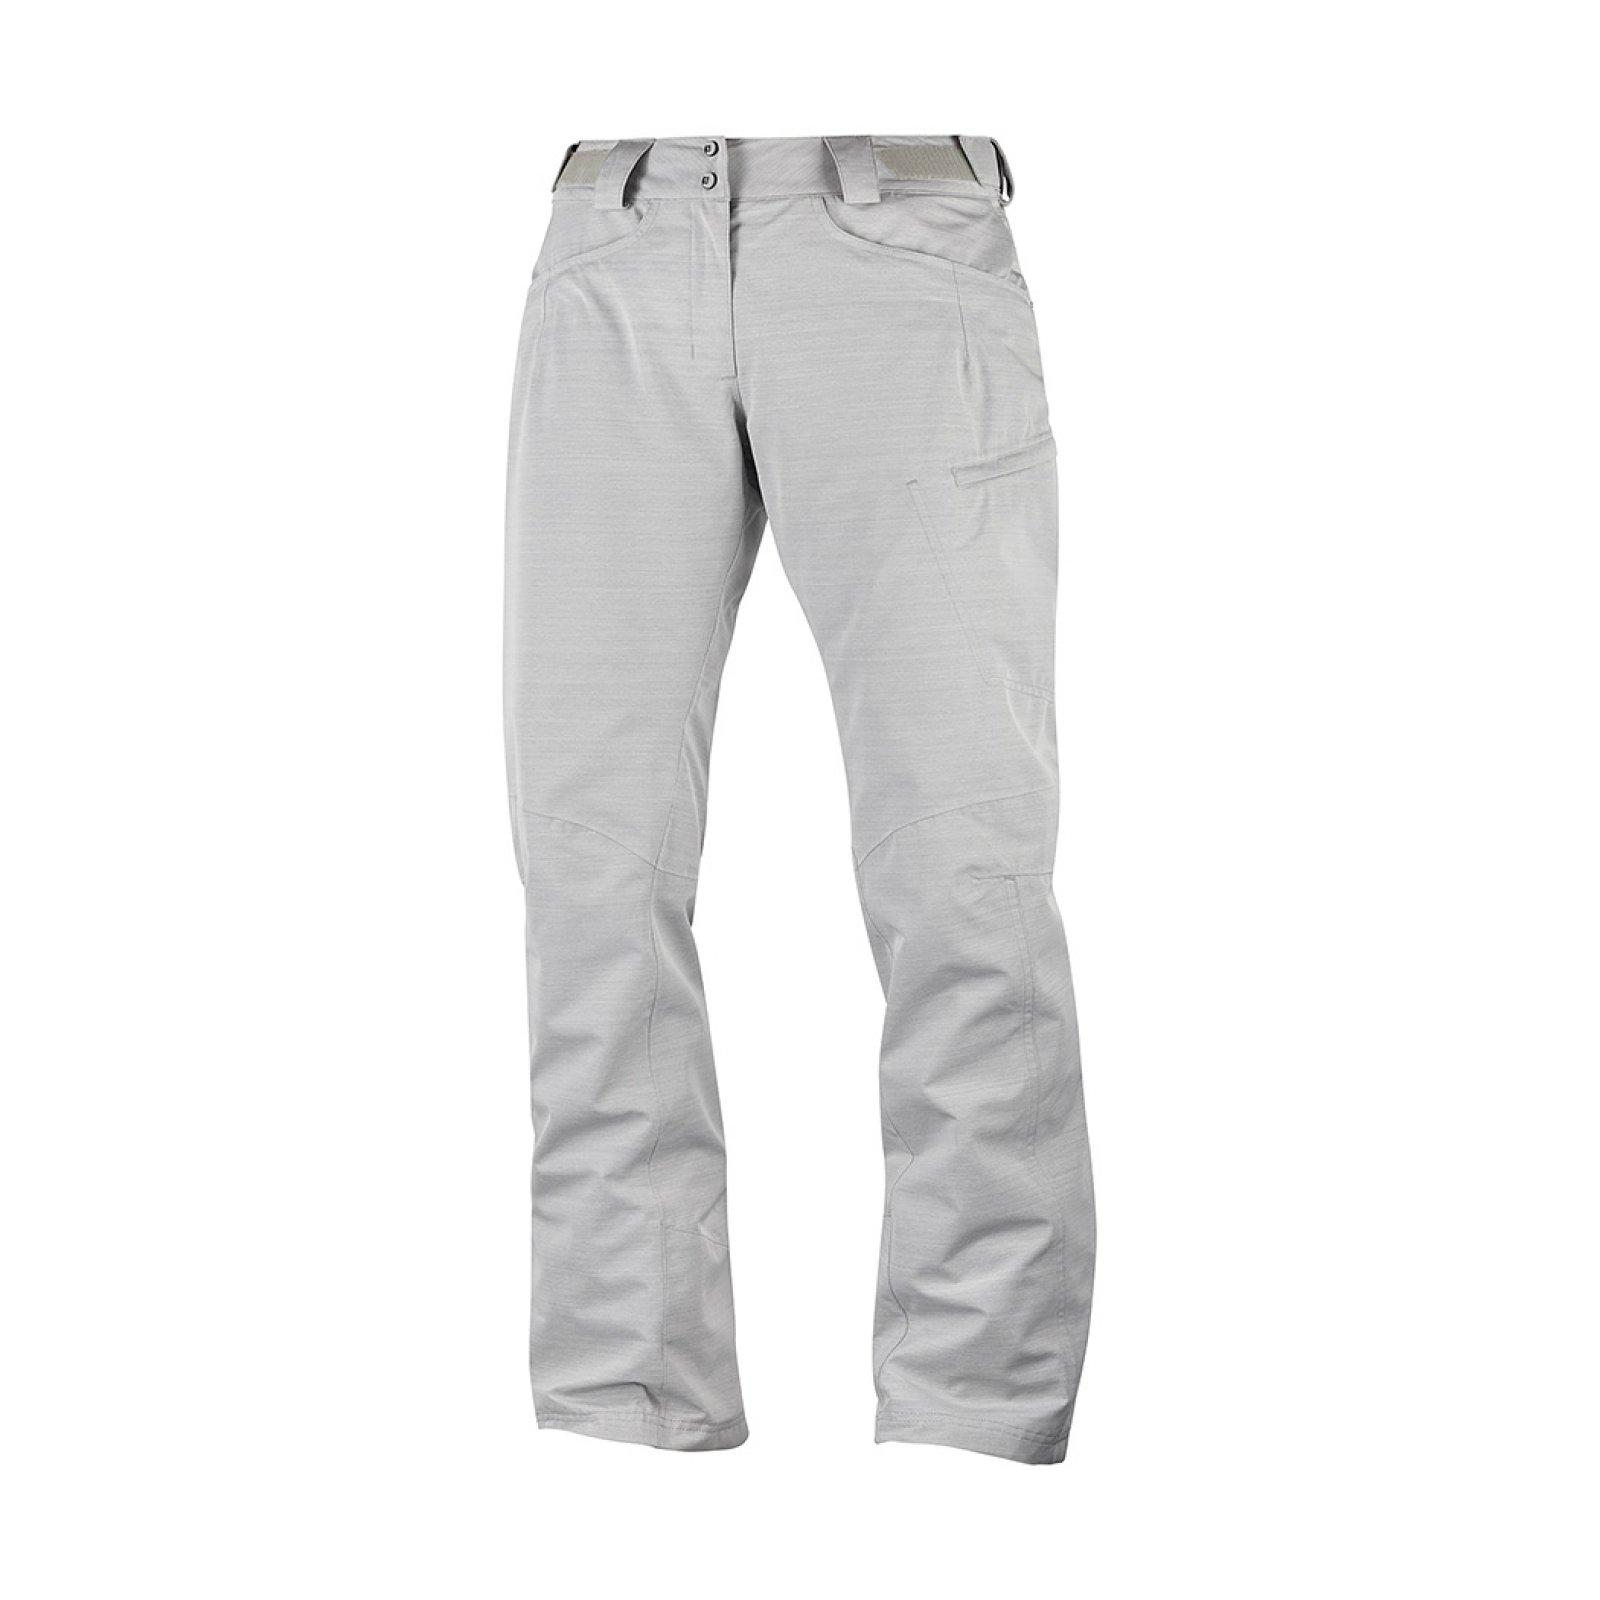 Lyžařské kalhoty Salomon Fantasy Pant W vapor heather L40367100 ... 1ea201c8b9